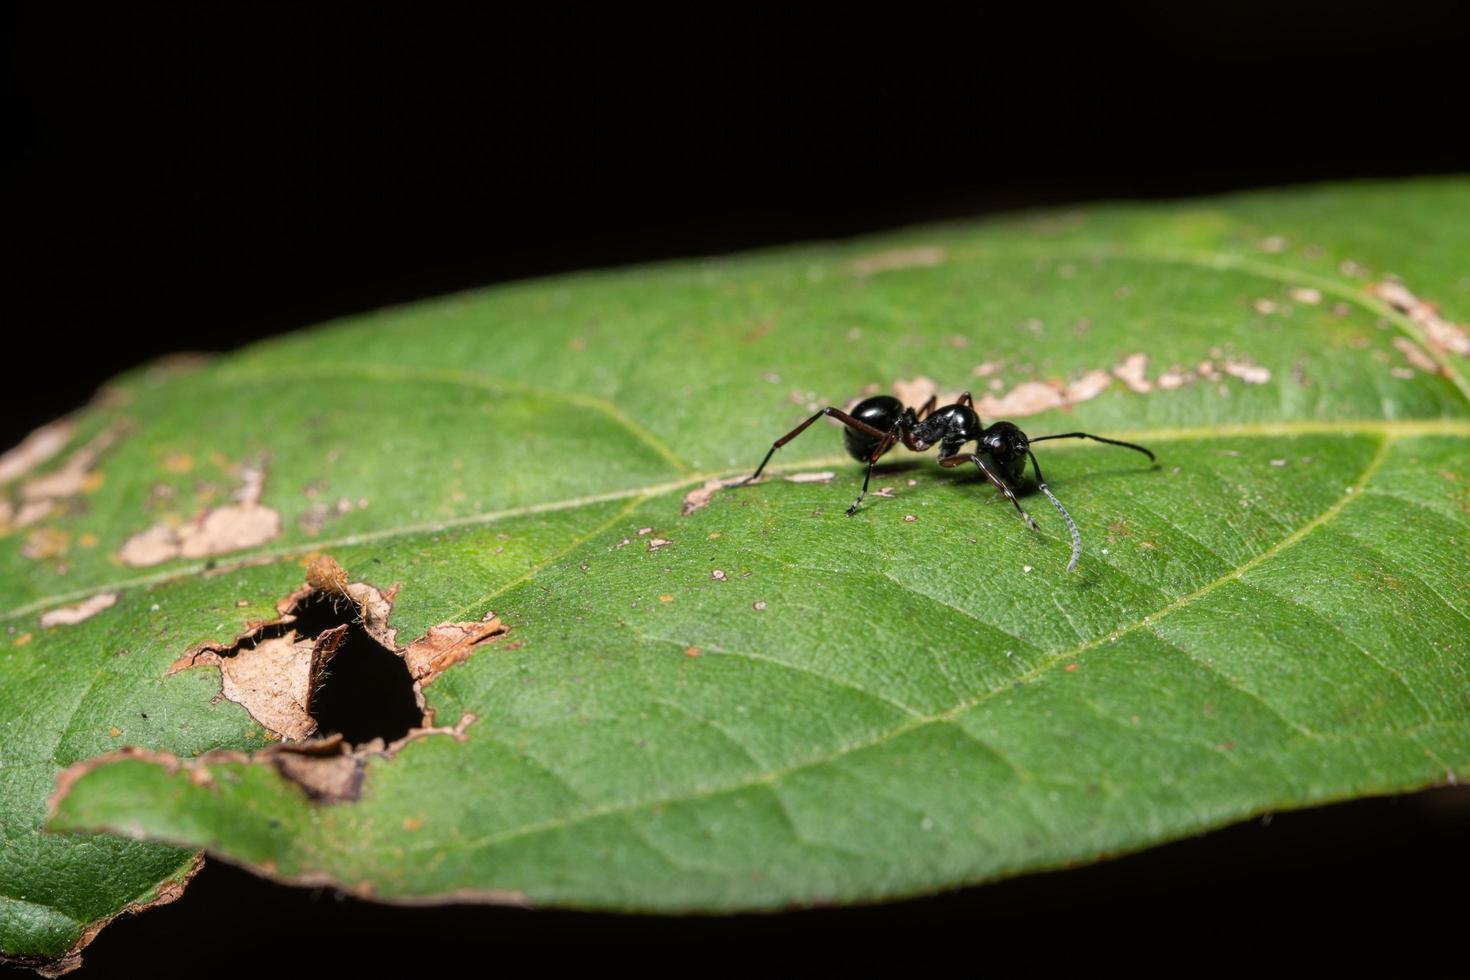 schwarze Ameise auf einem Blatt foto